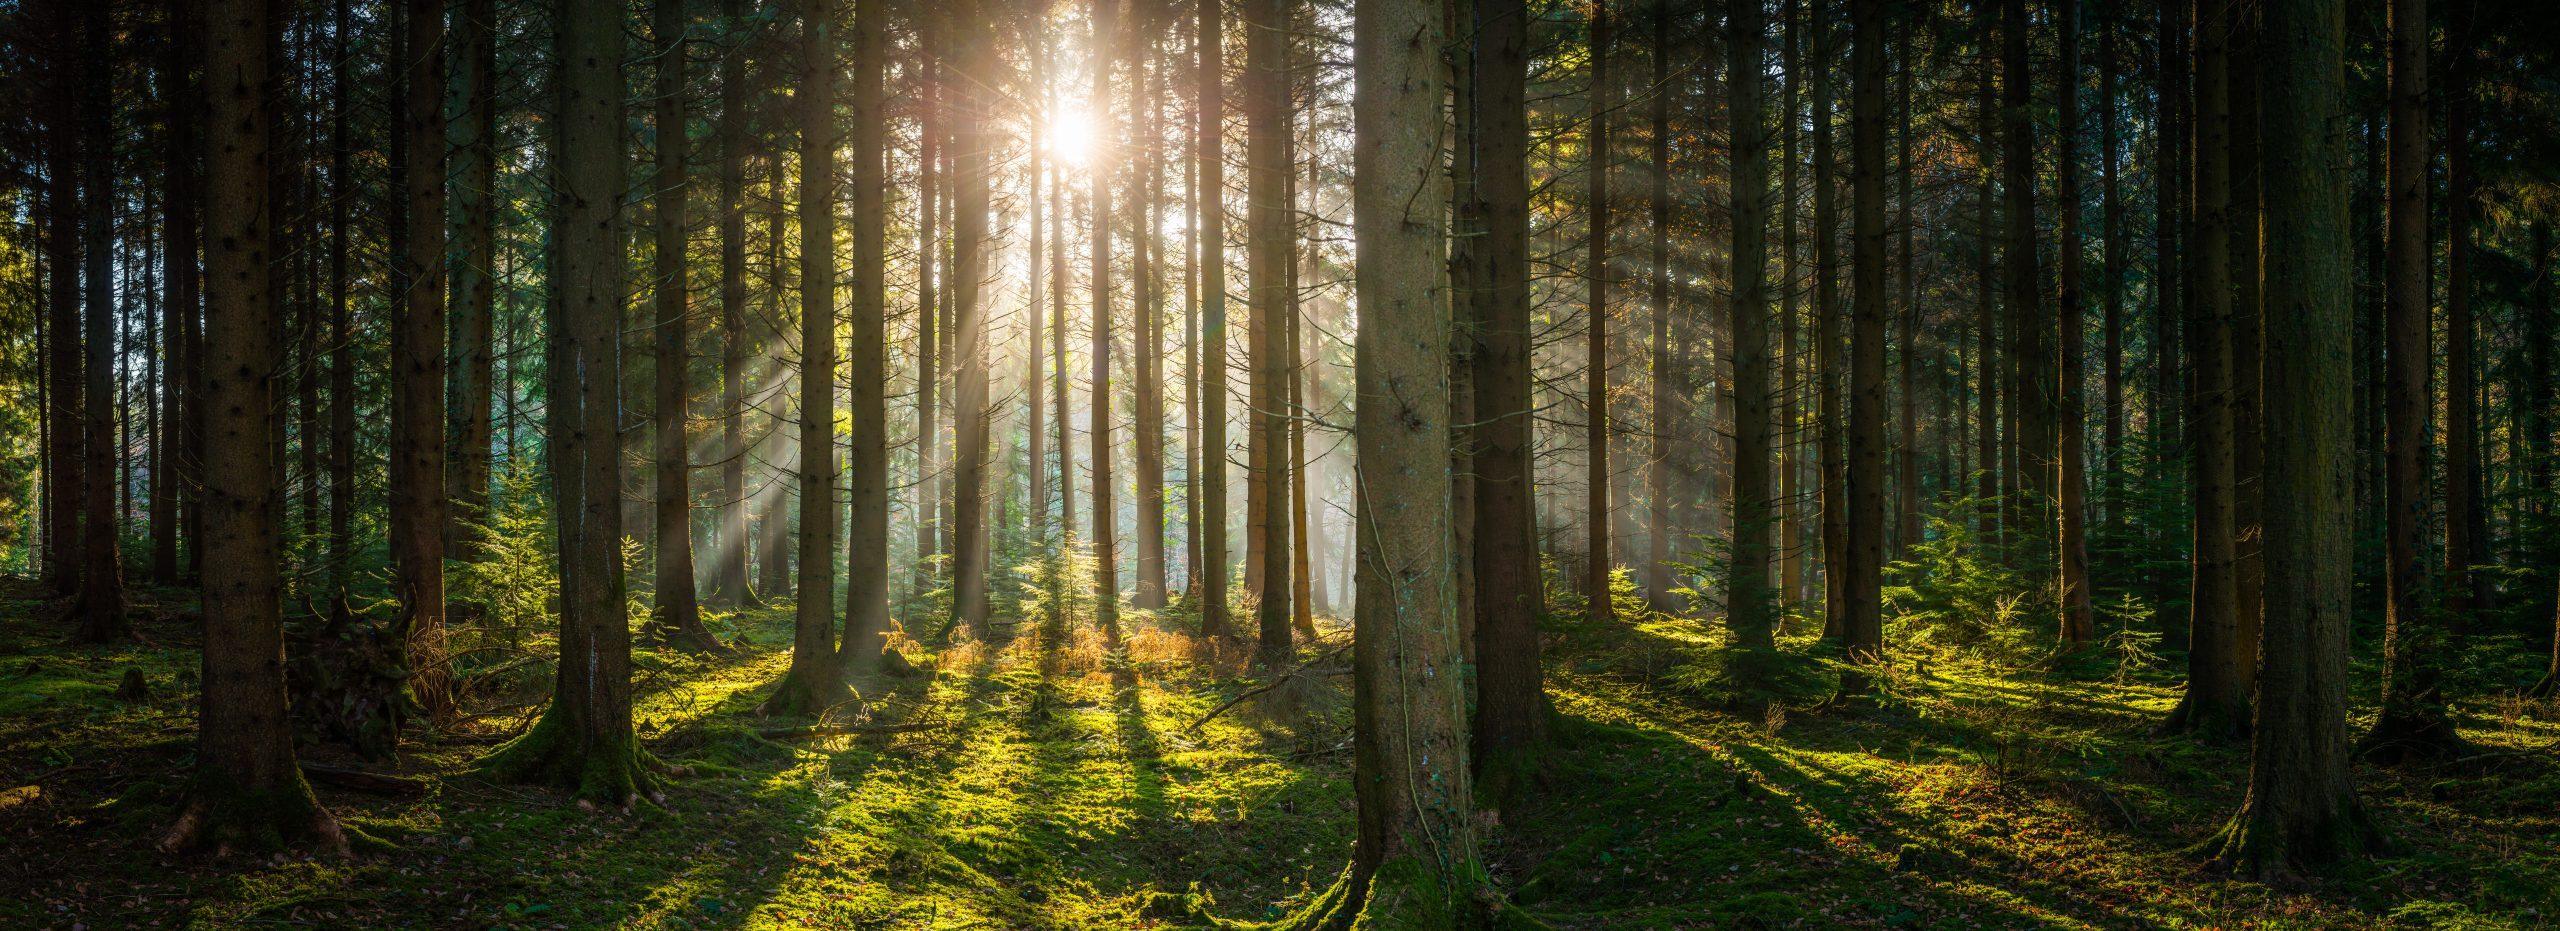 Raus aus dem Wald mit objektiven Bewertungsmethoden